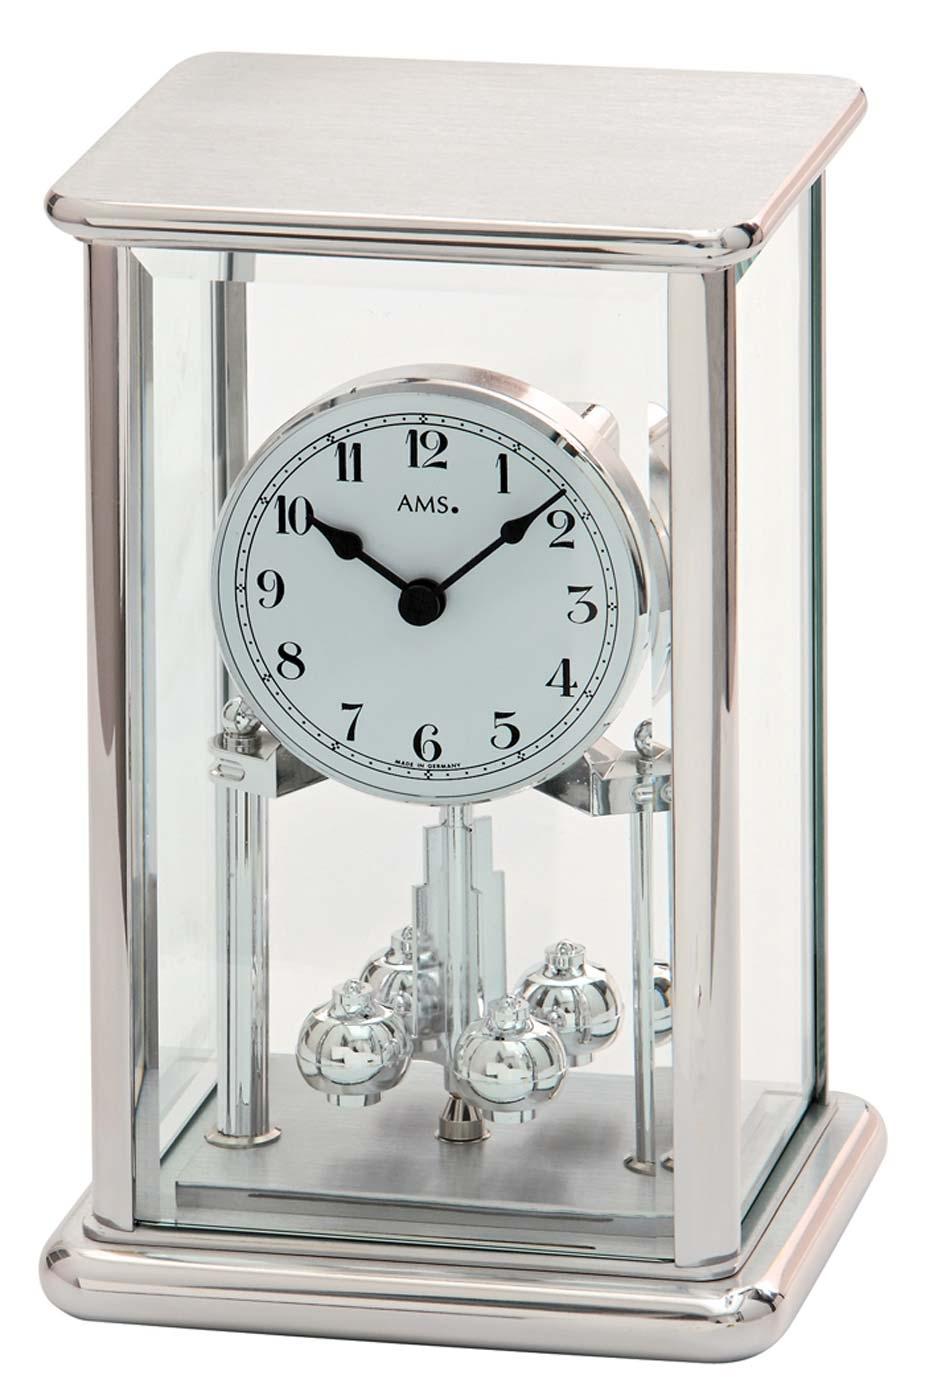 ceas de masa ams 1210